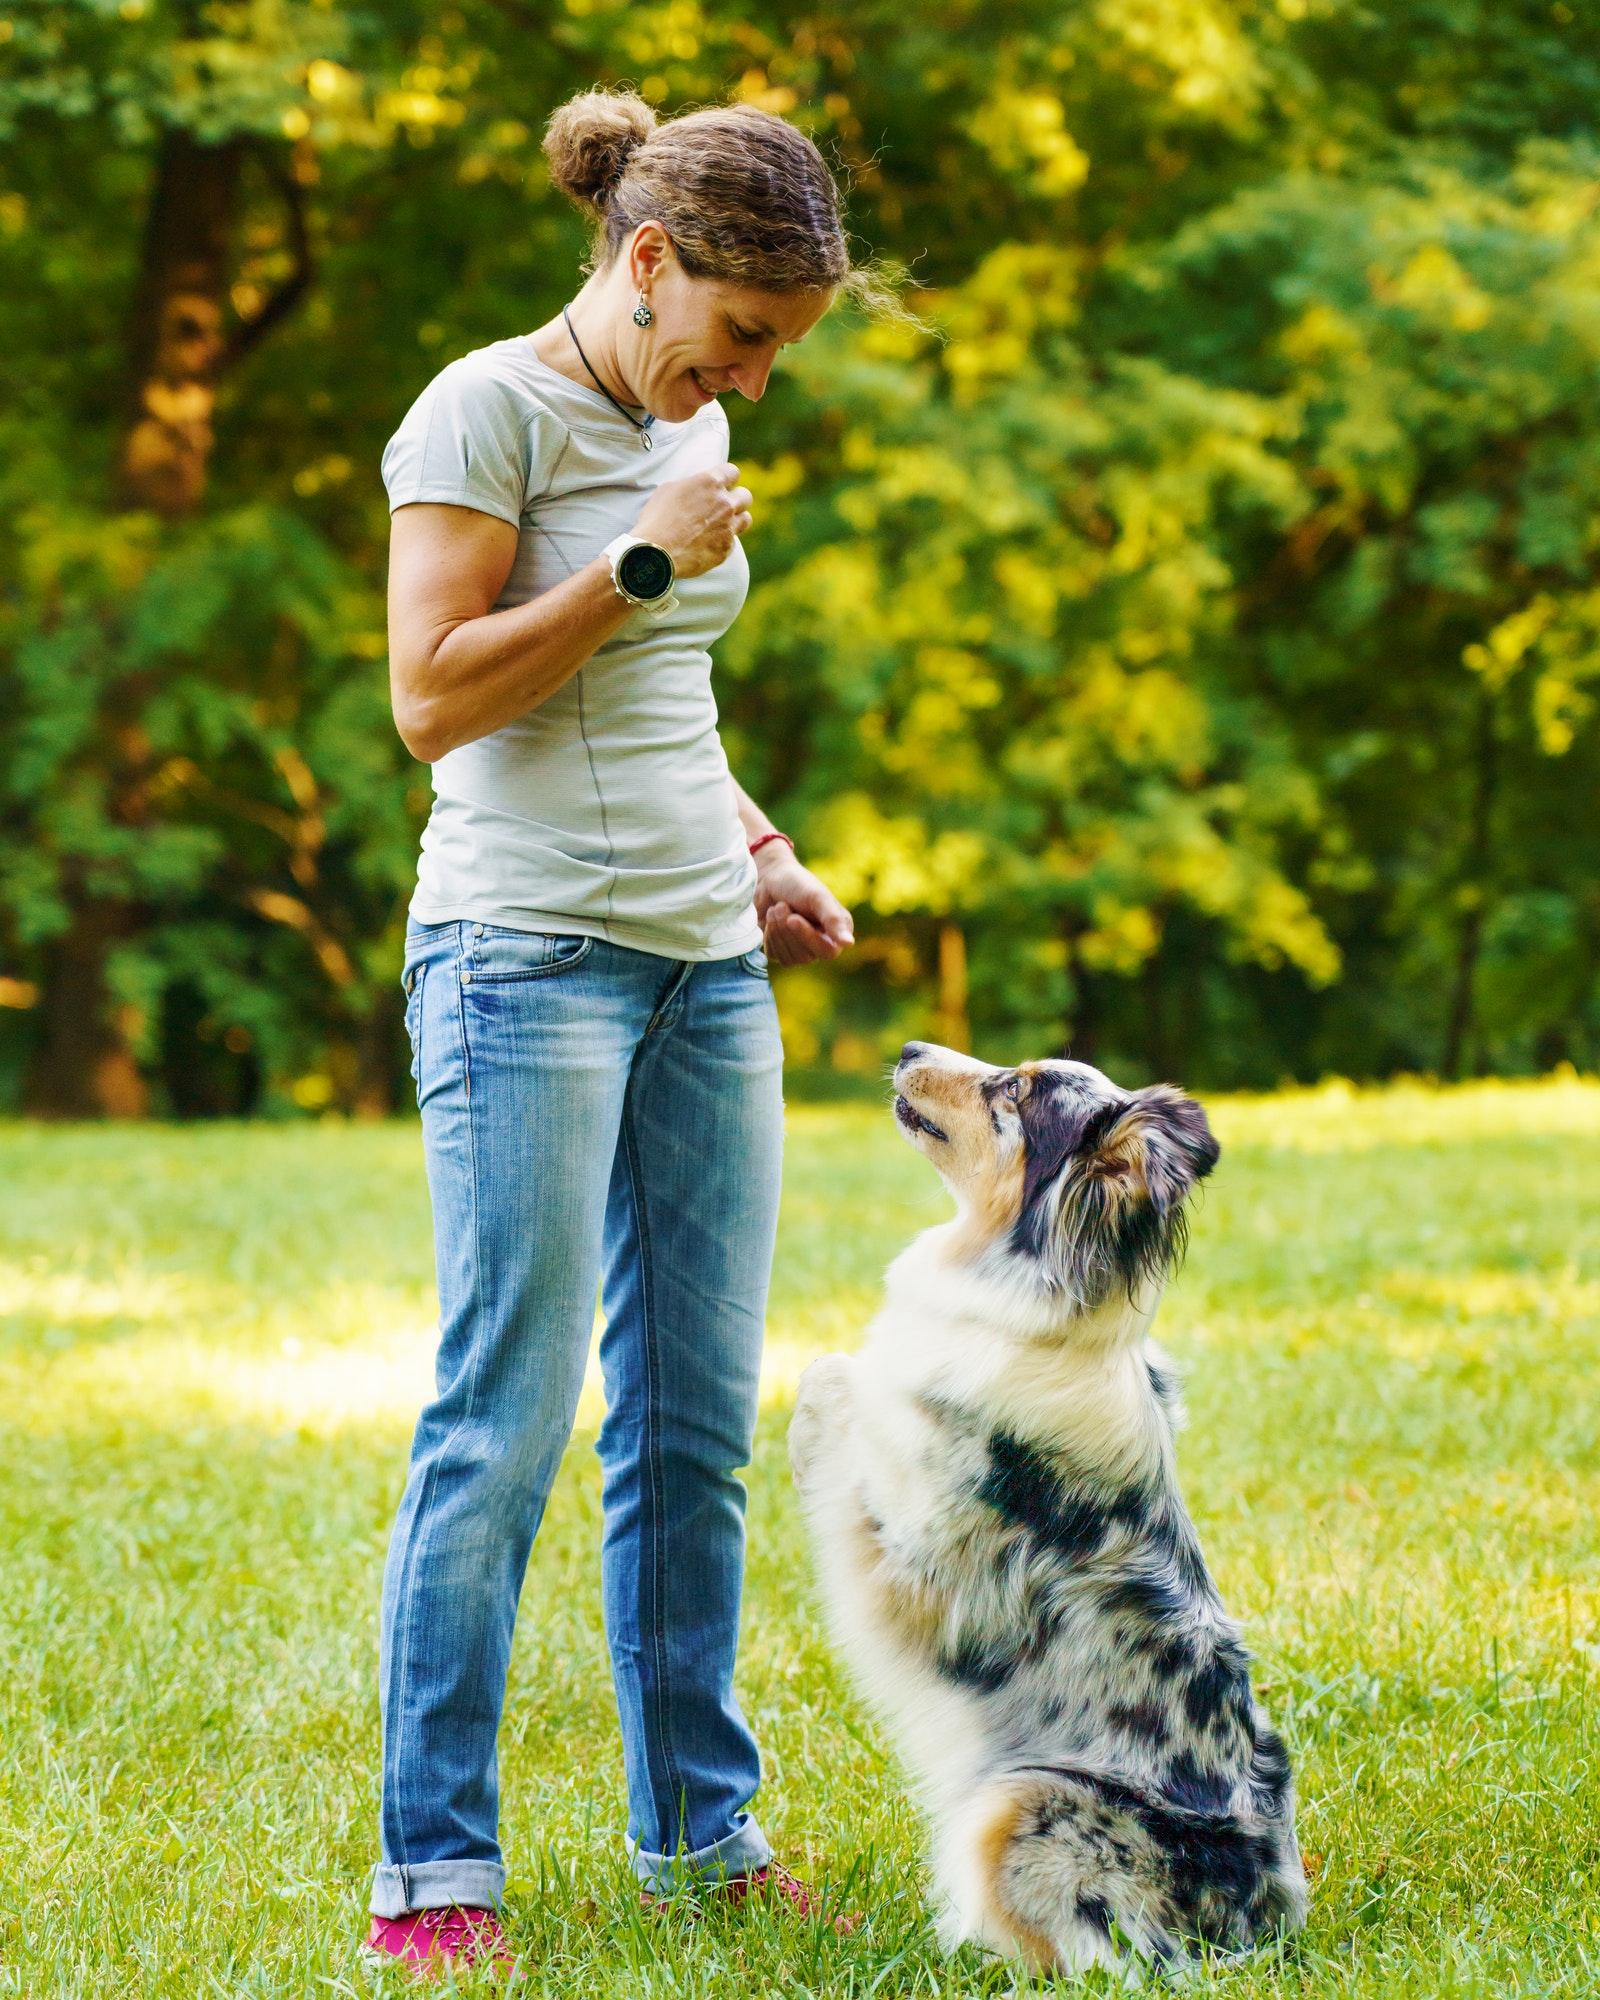 Hundetræning Lyngby & hvalpetræning Lyngby ‖ Privat hundetræner - Hunde-Liv's hundetræner Lyngby tilbyder hundetræning privat og i hold